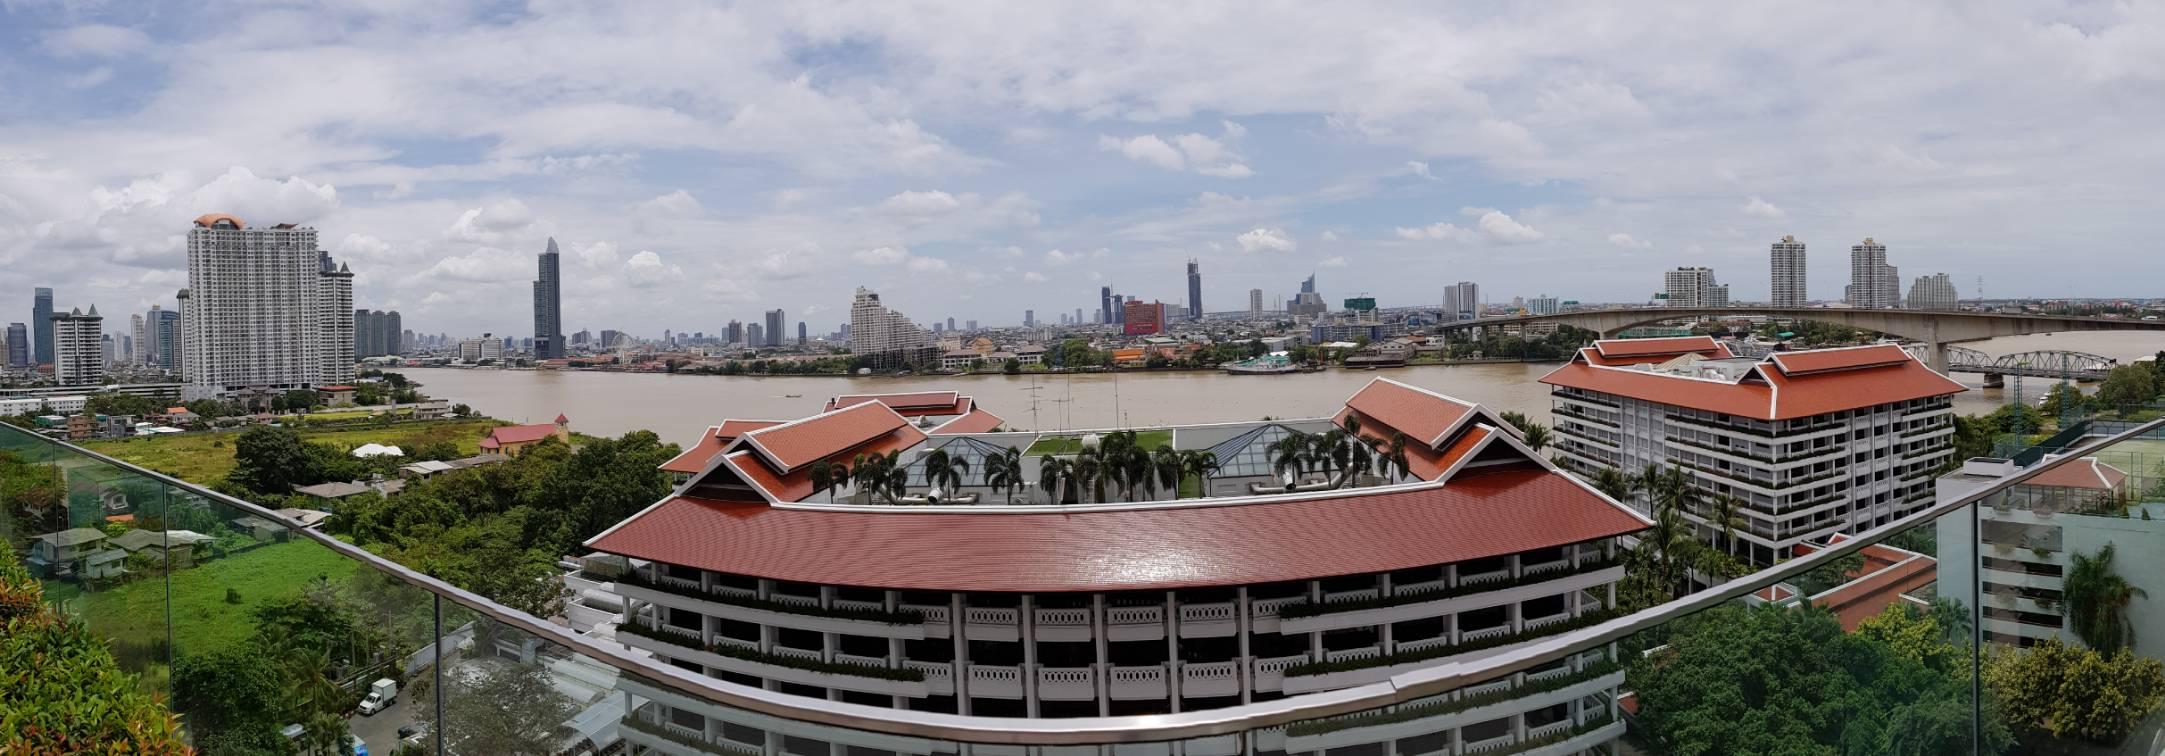 bangkok smart city